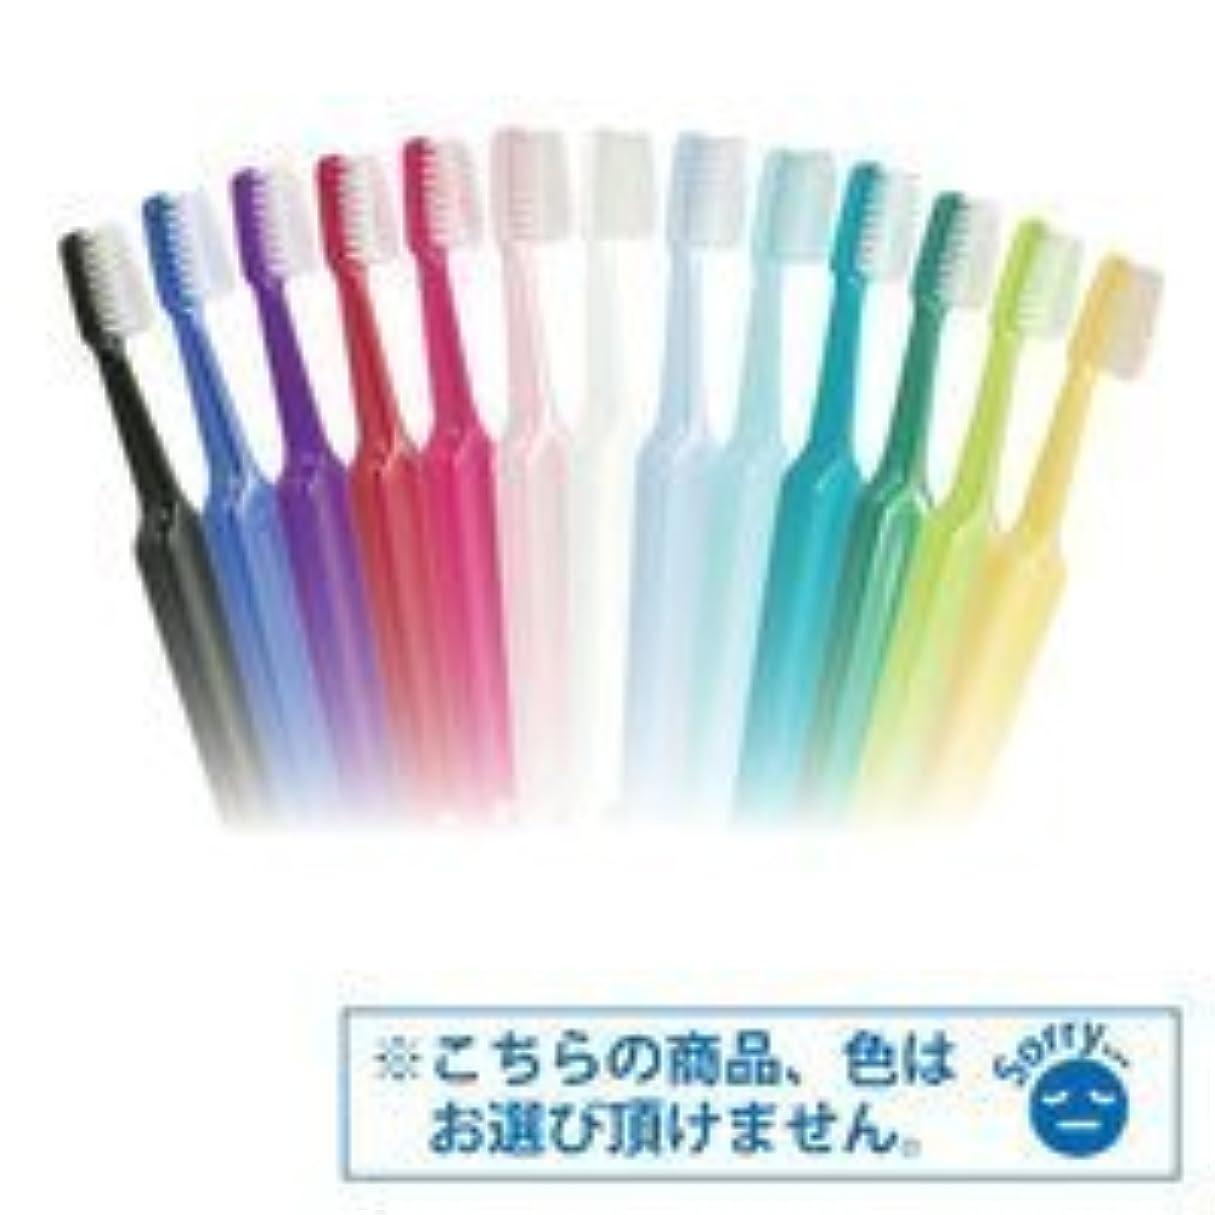 どこにでも味わう受粉するTepe歯ブラシ セレクトコンパクト/エクストラソフト 25本/箱